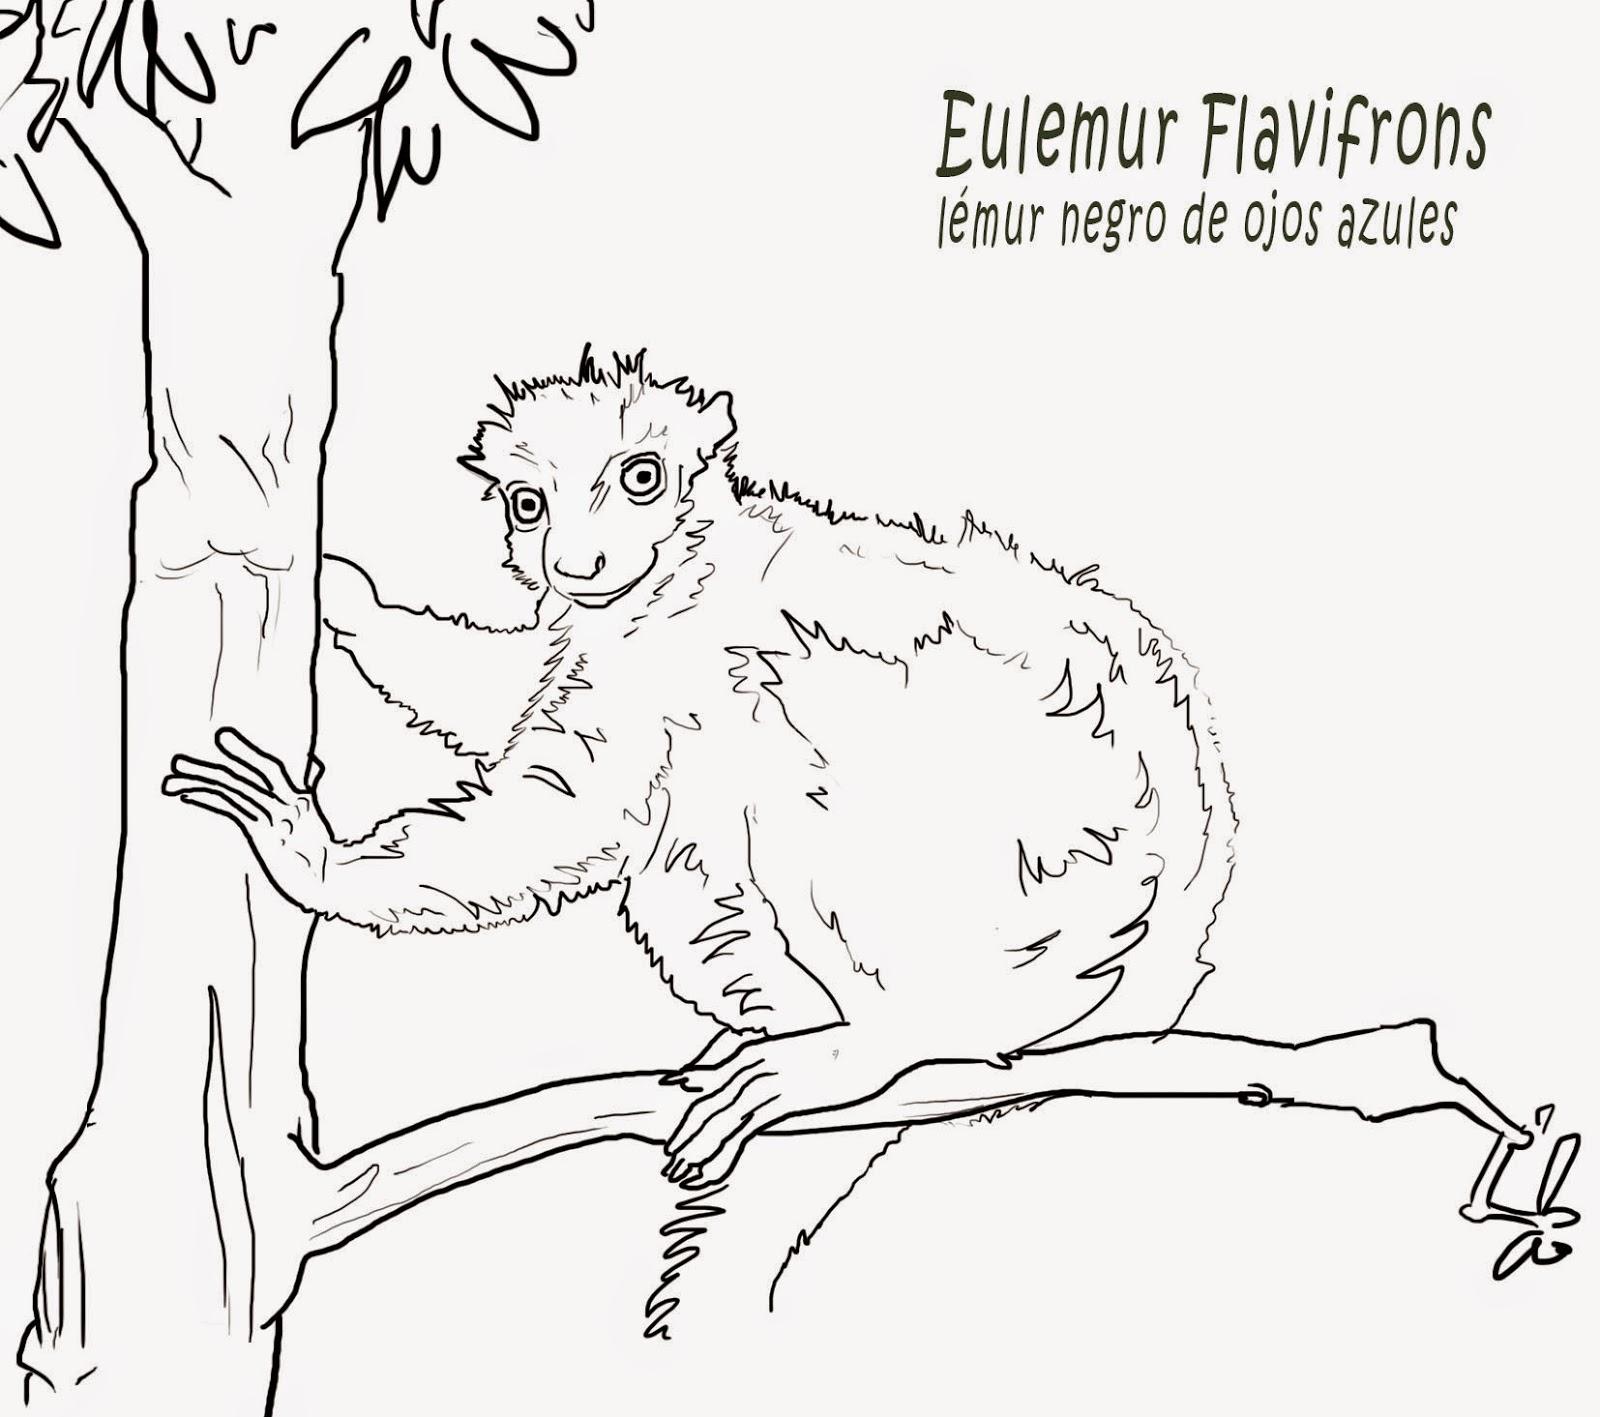 """<img src=""""Eulemur Flavifrons.jpg"""" alt=""""Lémur para colorear""""/>"""